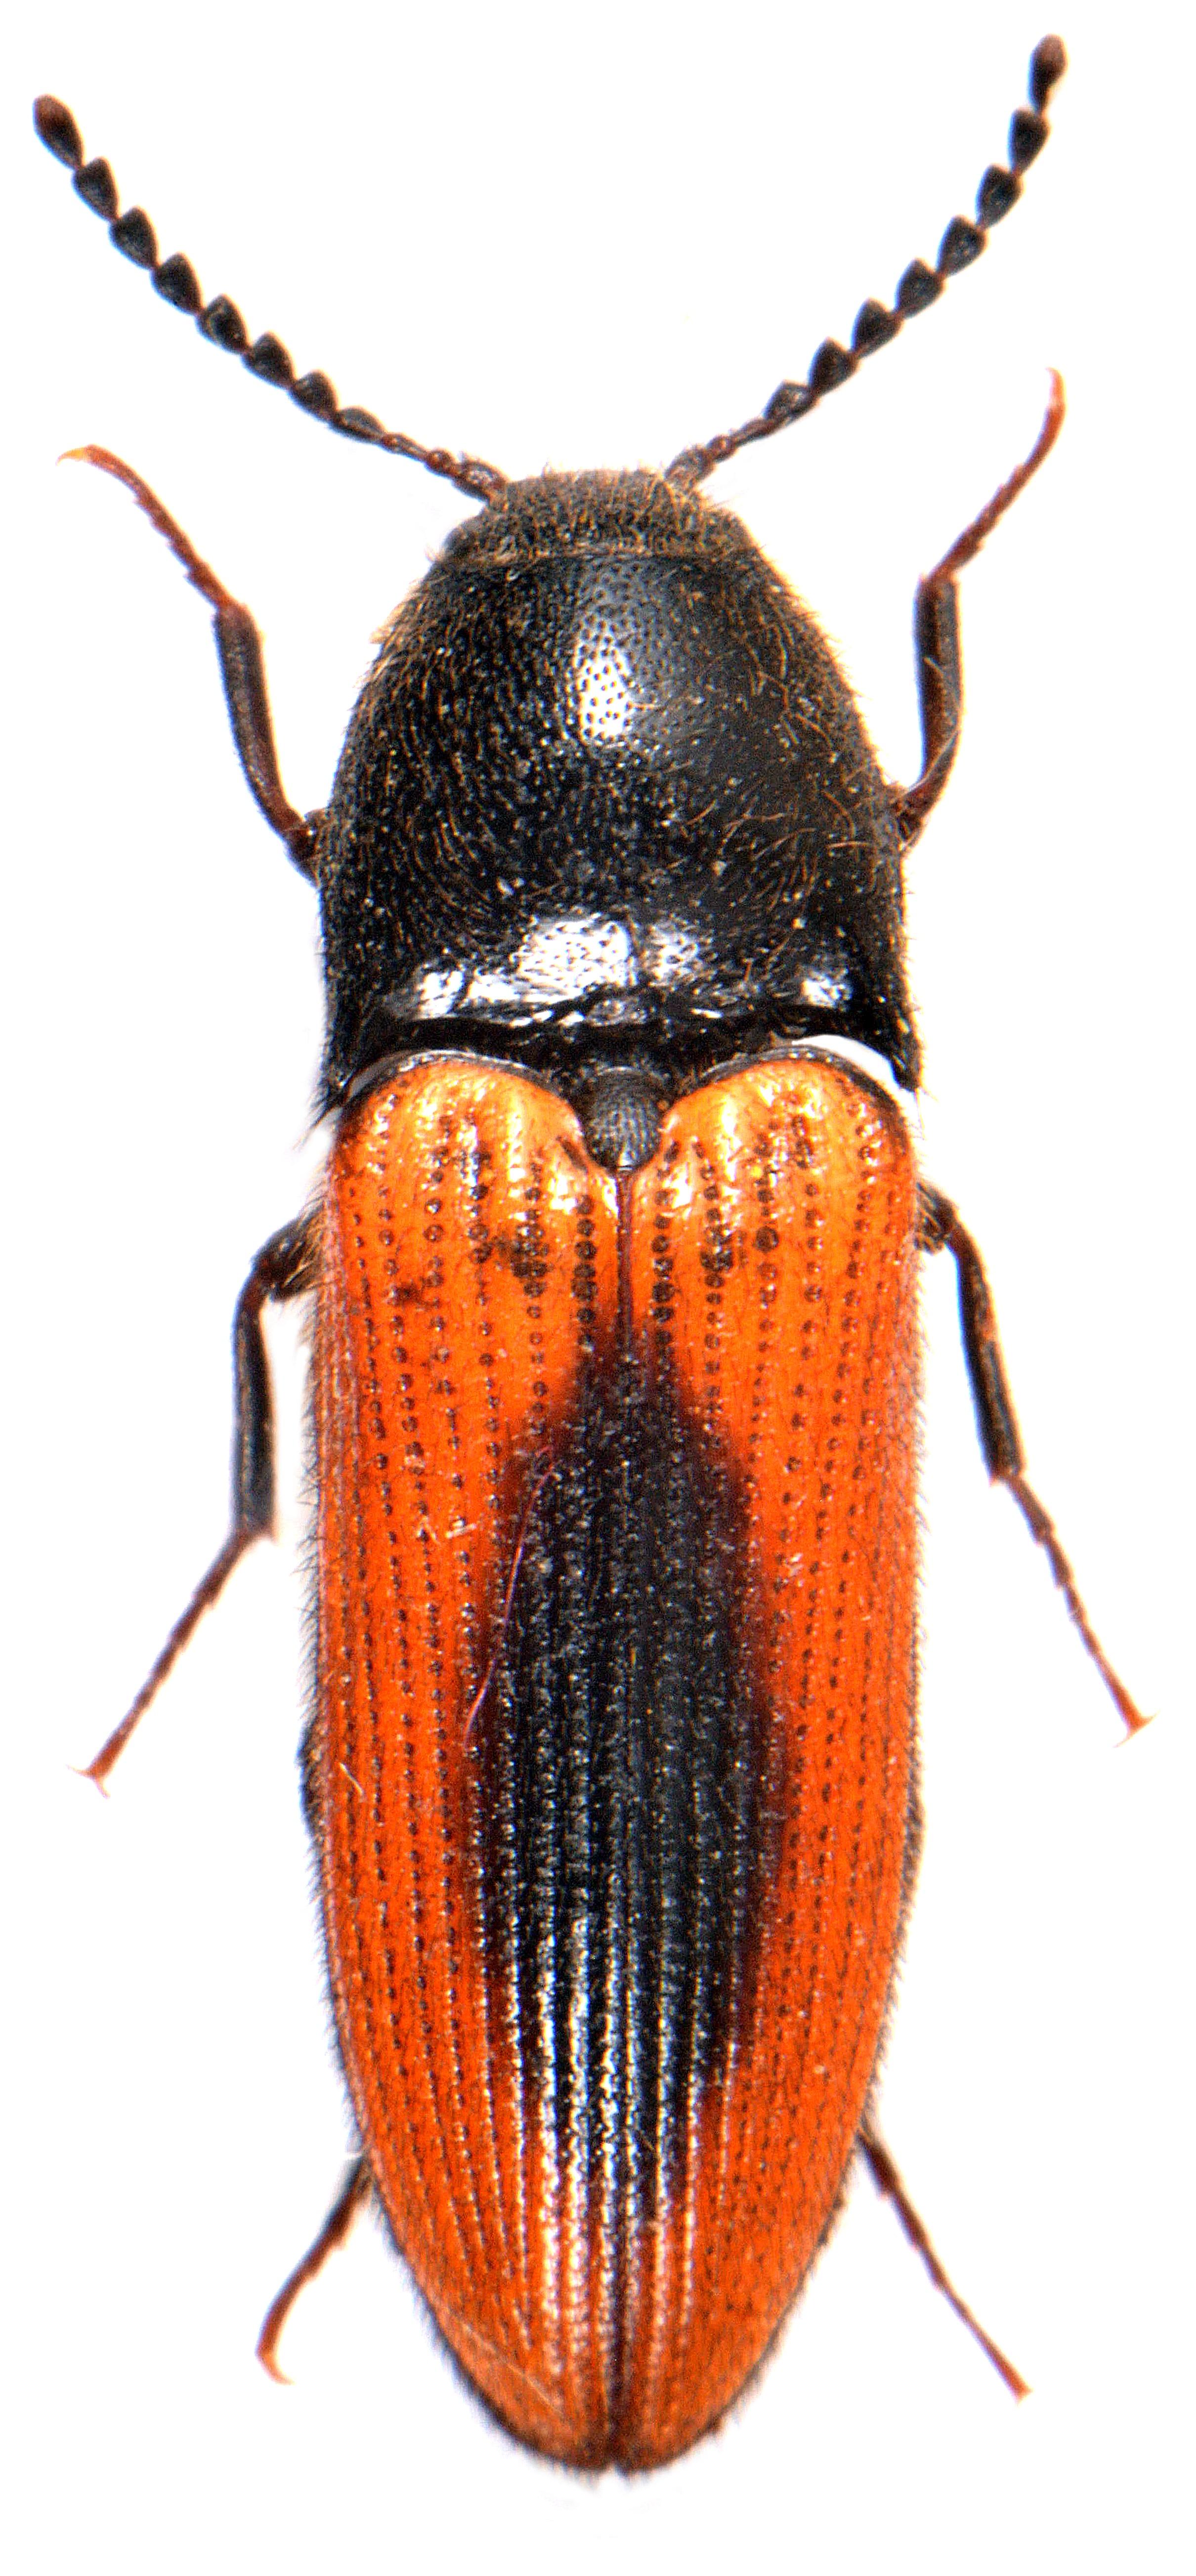 Ampedus sanuinolentus 2